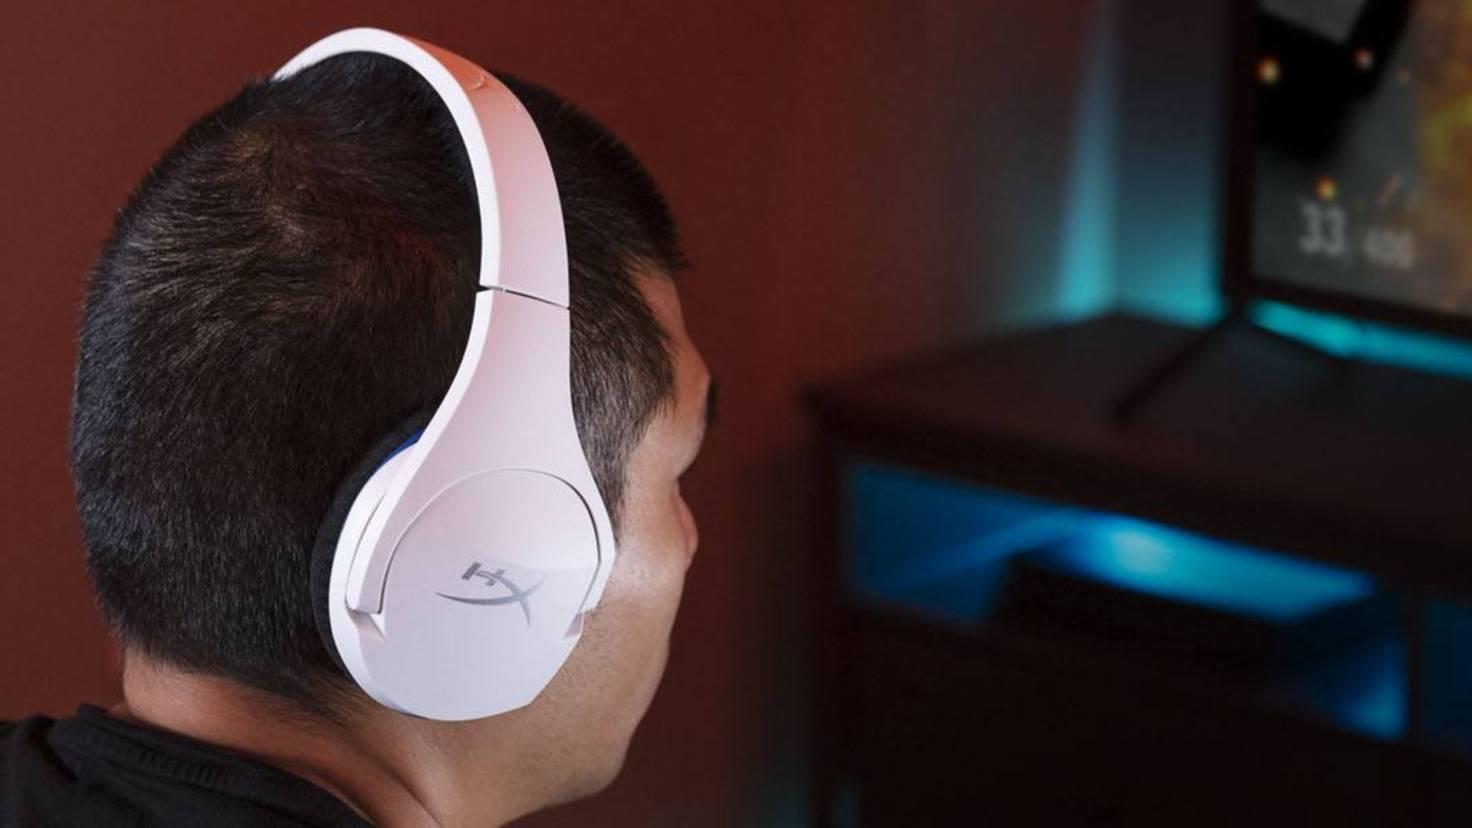 casque-cloud-stinger-core-wireless-ps4-lifestyle-detail